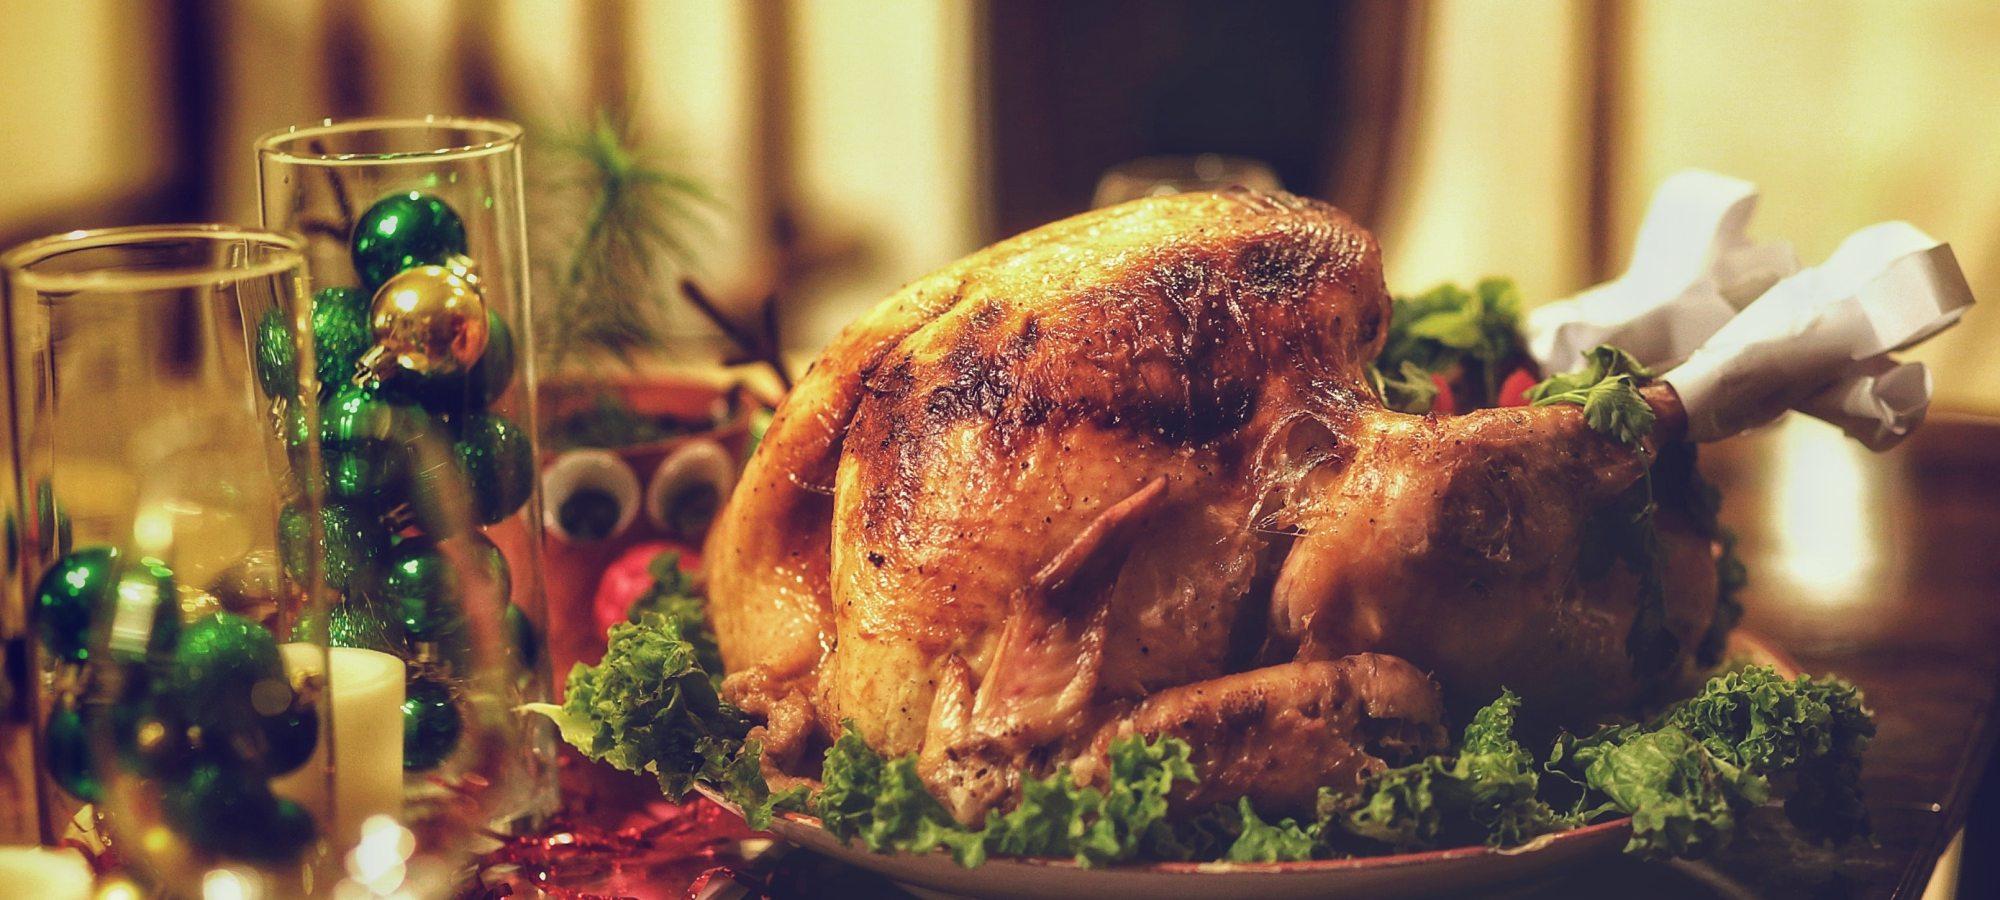 https://www.pexels.com/photo/christmas-christmas-eve-dinner-dinner-table-823750/